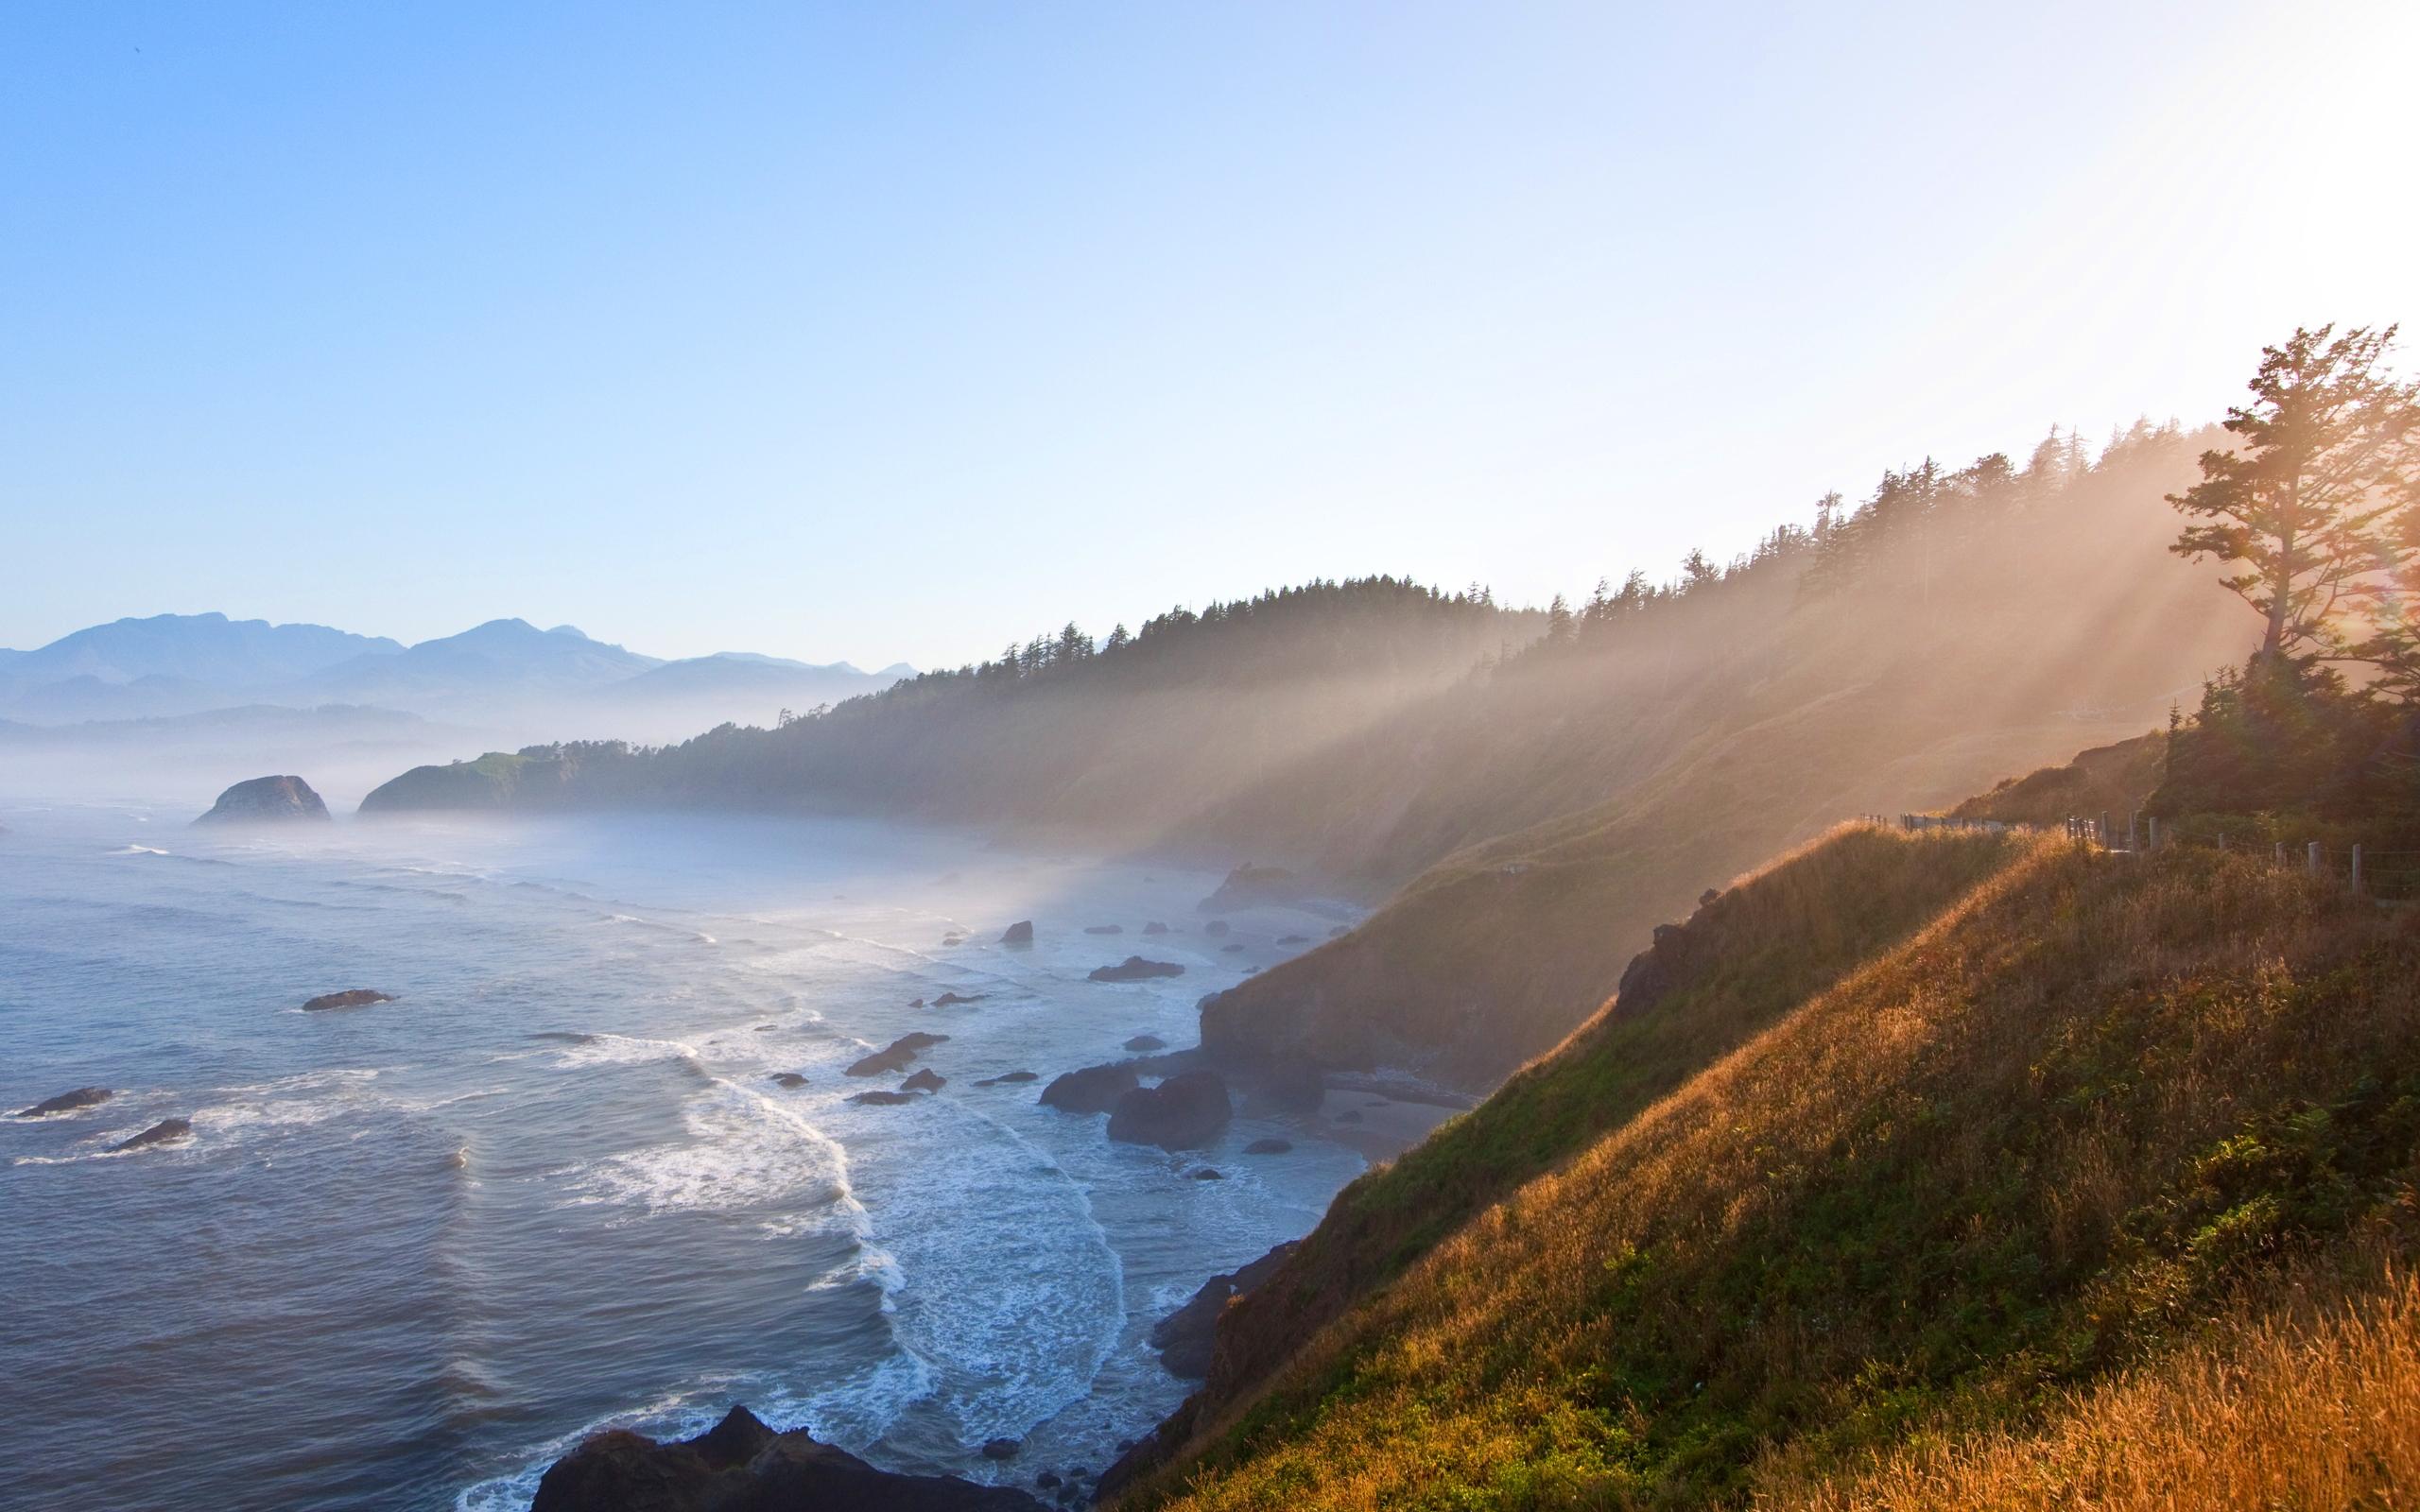 Sunrise morning coast